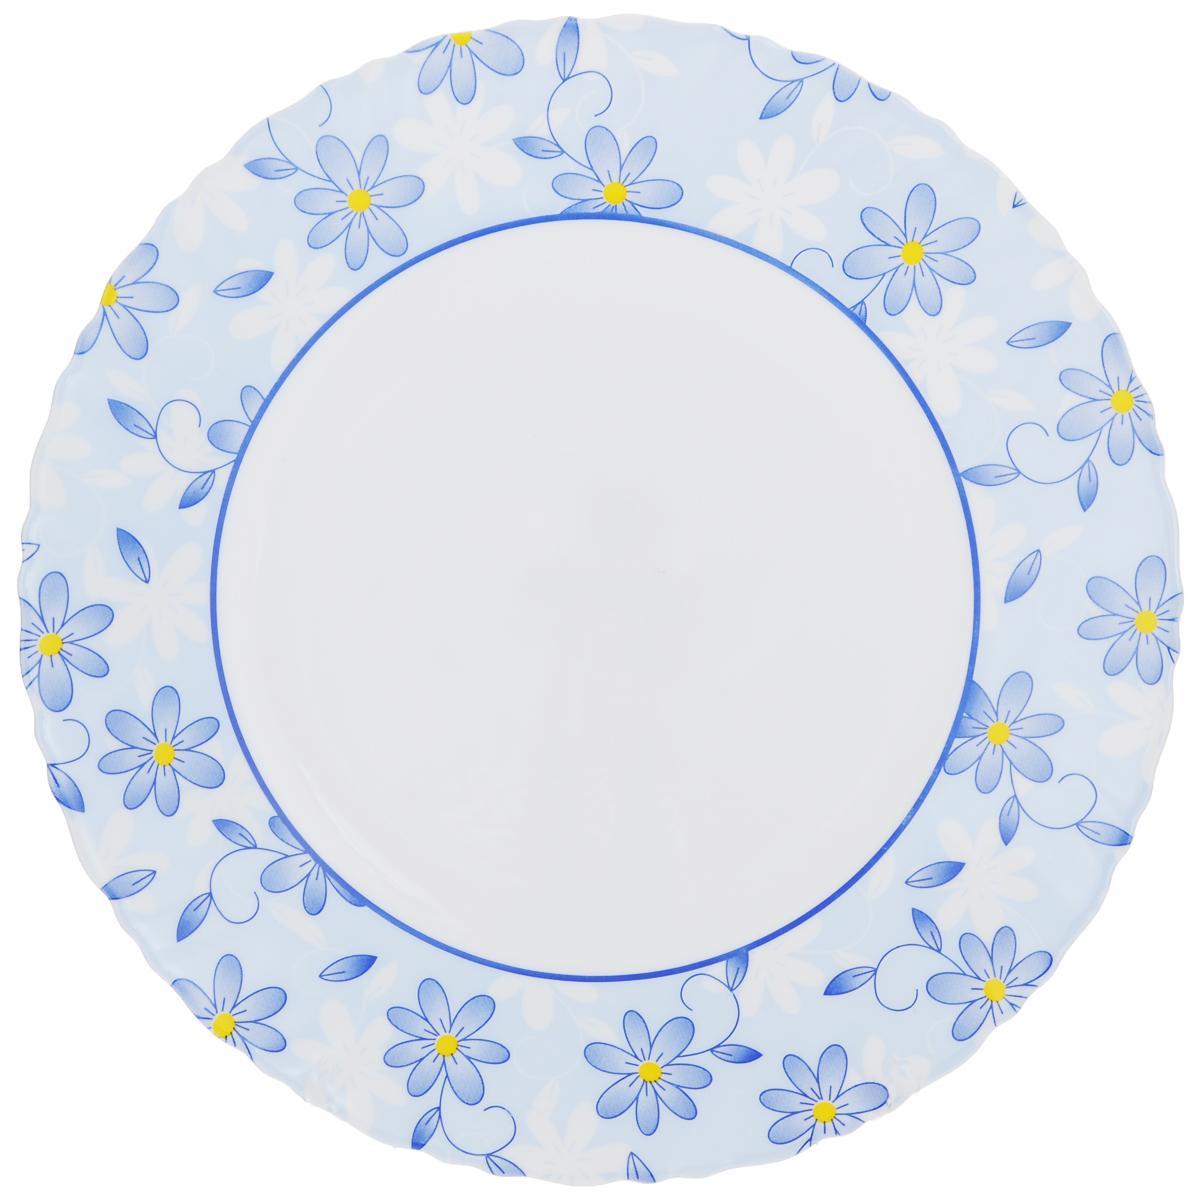 Тарелка обеденная Luminarc Gloria, диаметр 25 смK2342Обеденная тарелка Luminarc Gloria, изготовленная из высококачественного стекла, украшена ярким цветочным рисунком. Изящный дизайн придется по вкусу и ценителям классики, и тем, кто предпочитает утонченность. Тарелка Luminarc Gloria идеально подойдет для сервировки стола и станет отличным подарком к любому празднику. Диаметр (по верхнему краю): 25 см.